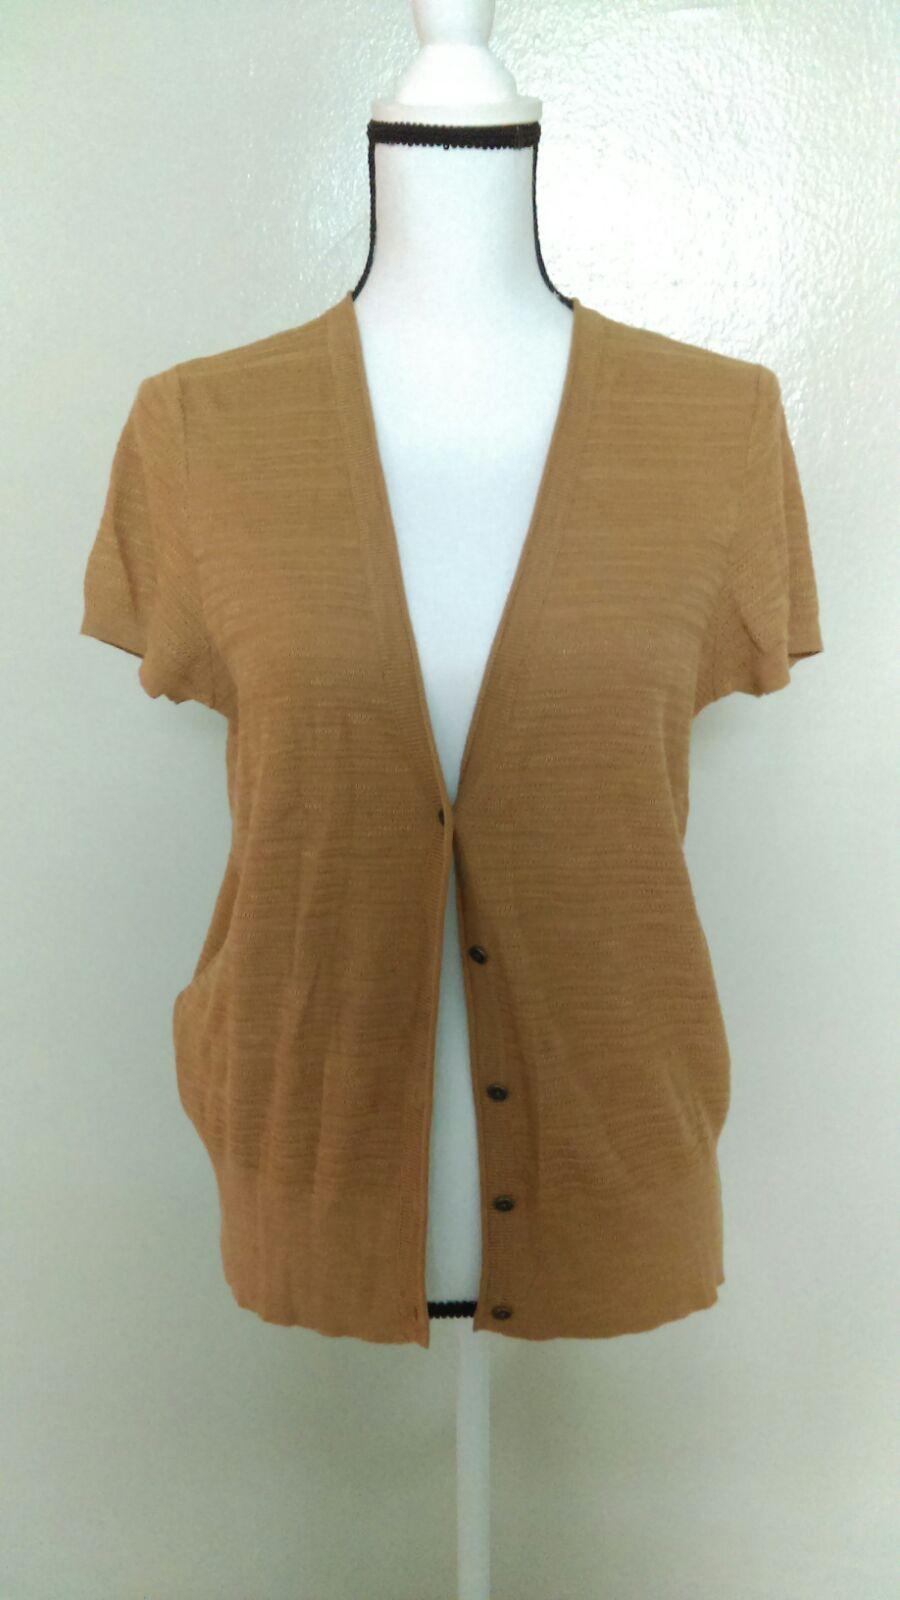 Ann Taylor Loft Short Sleeve Cardigan - Mercari: BUY & SELL THINGS ...